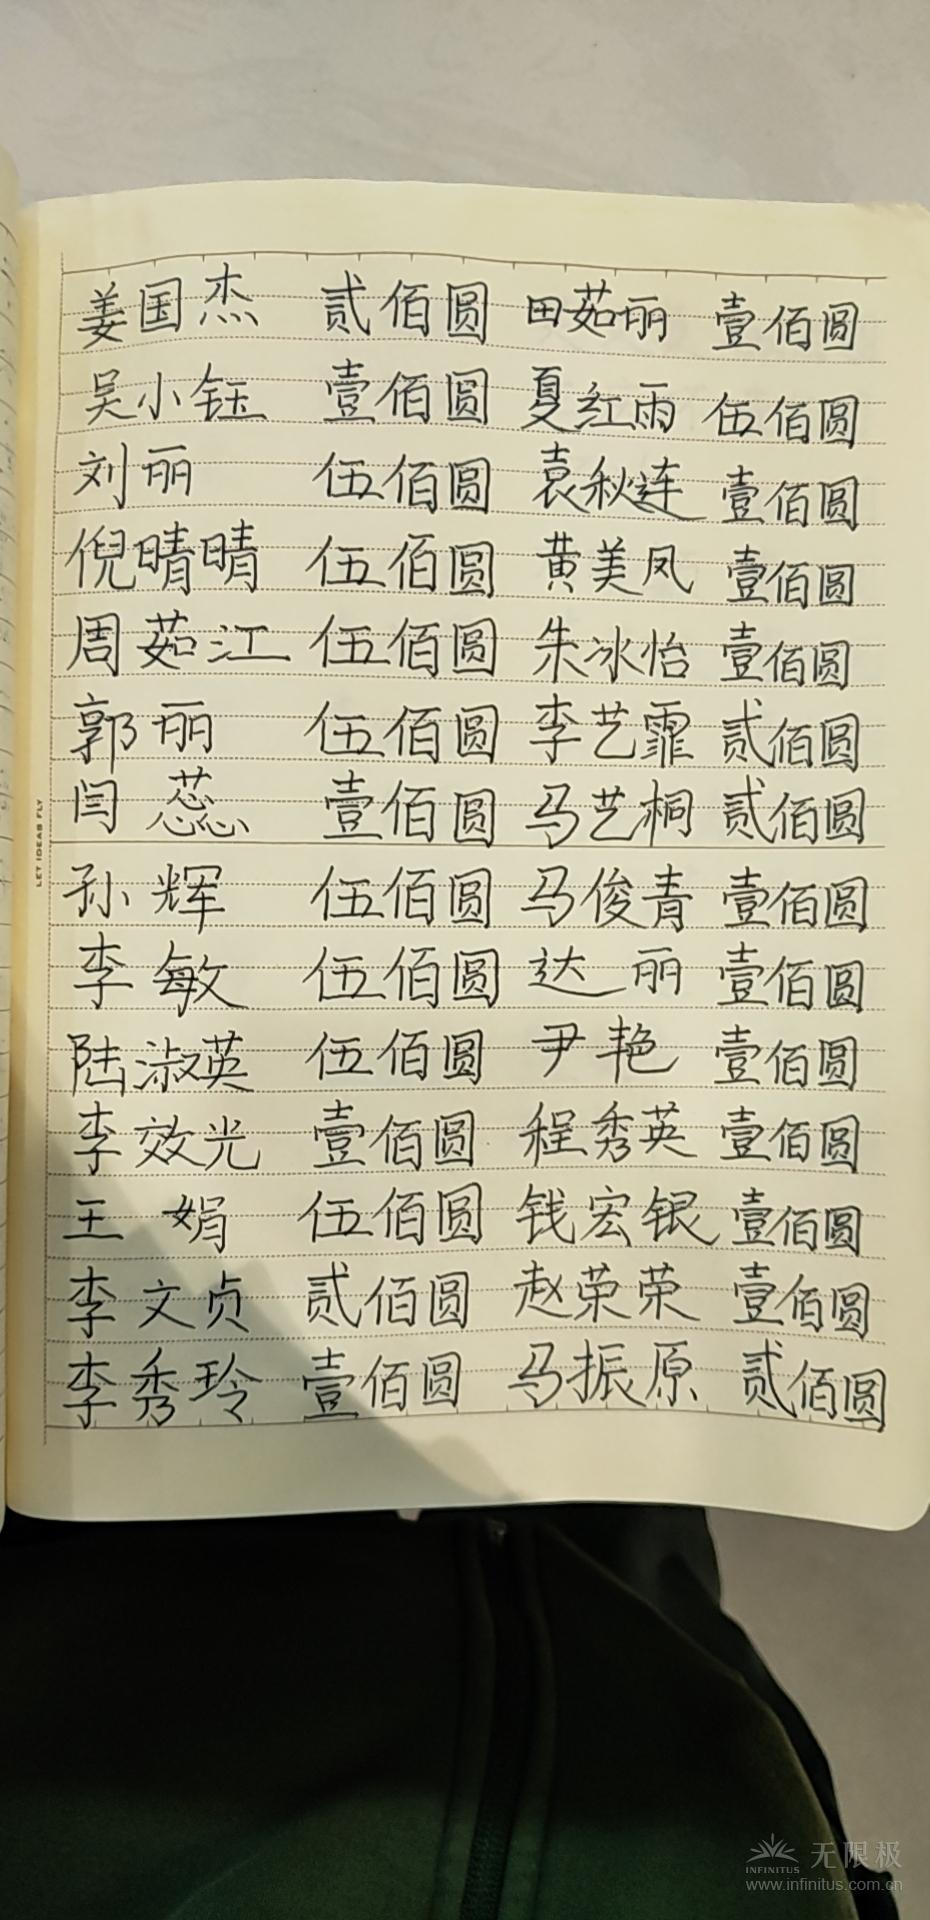 2 辽宁地区的无限极志愿者捐款明细